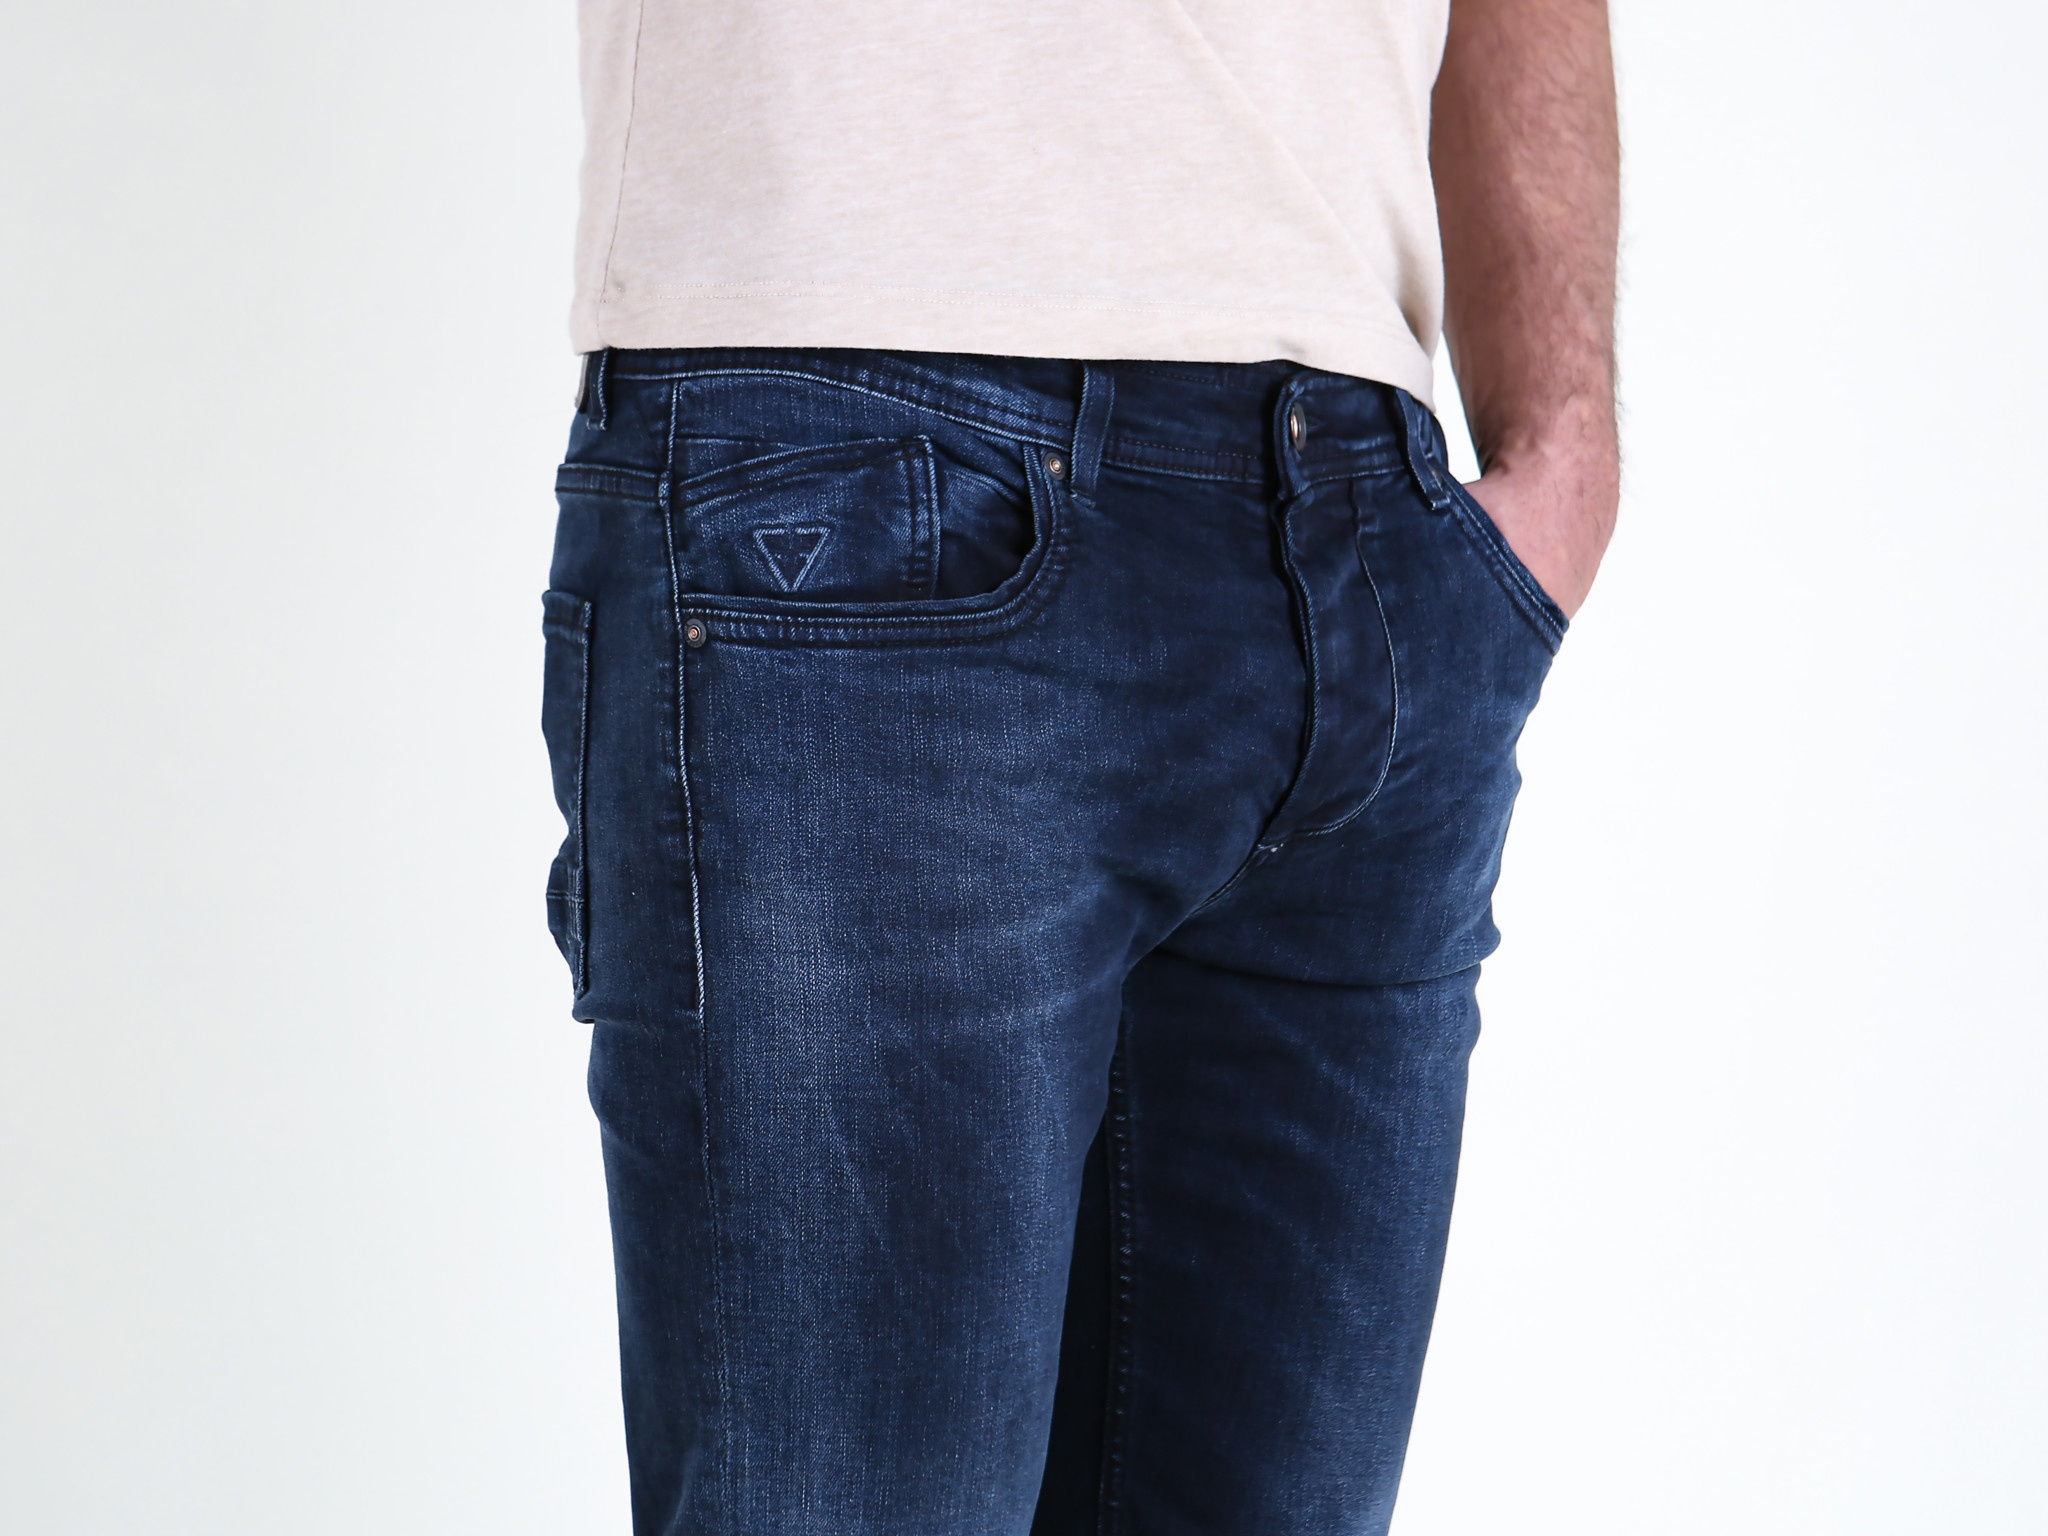 Fifty Four Fifty Four Rages JC76 Z-39 Slim Fit Jeans Dark Blue